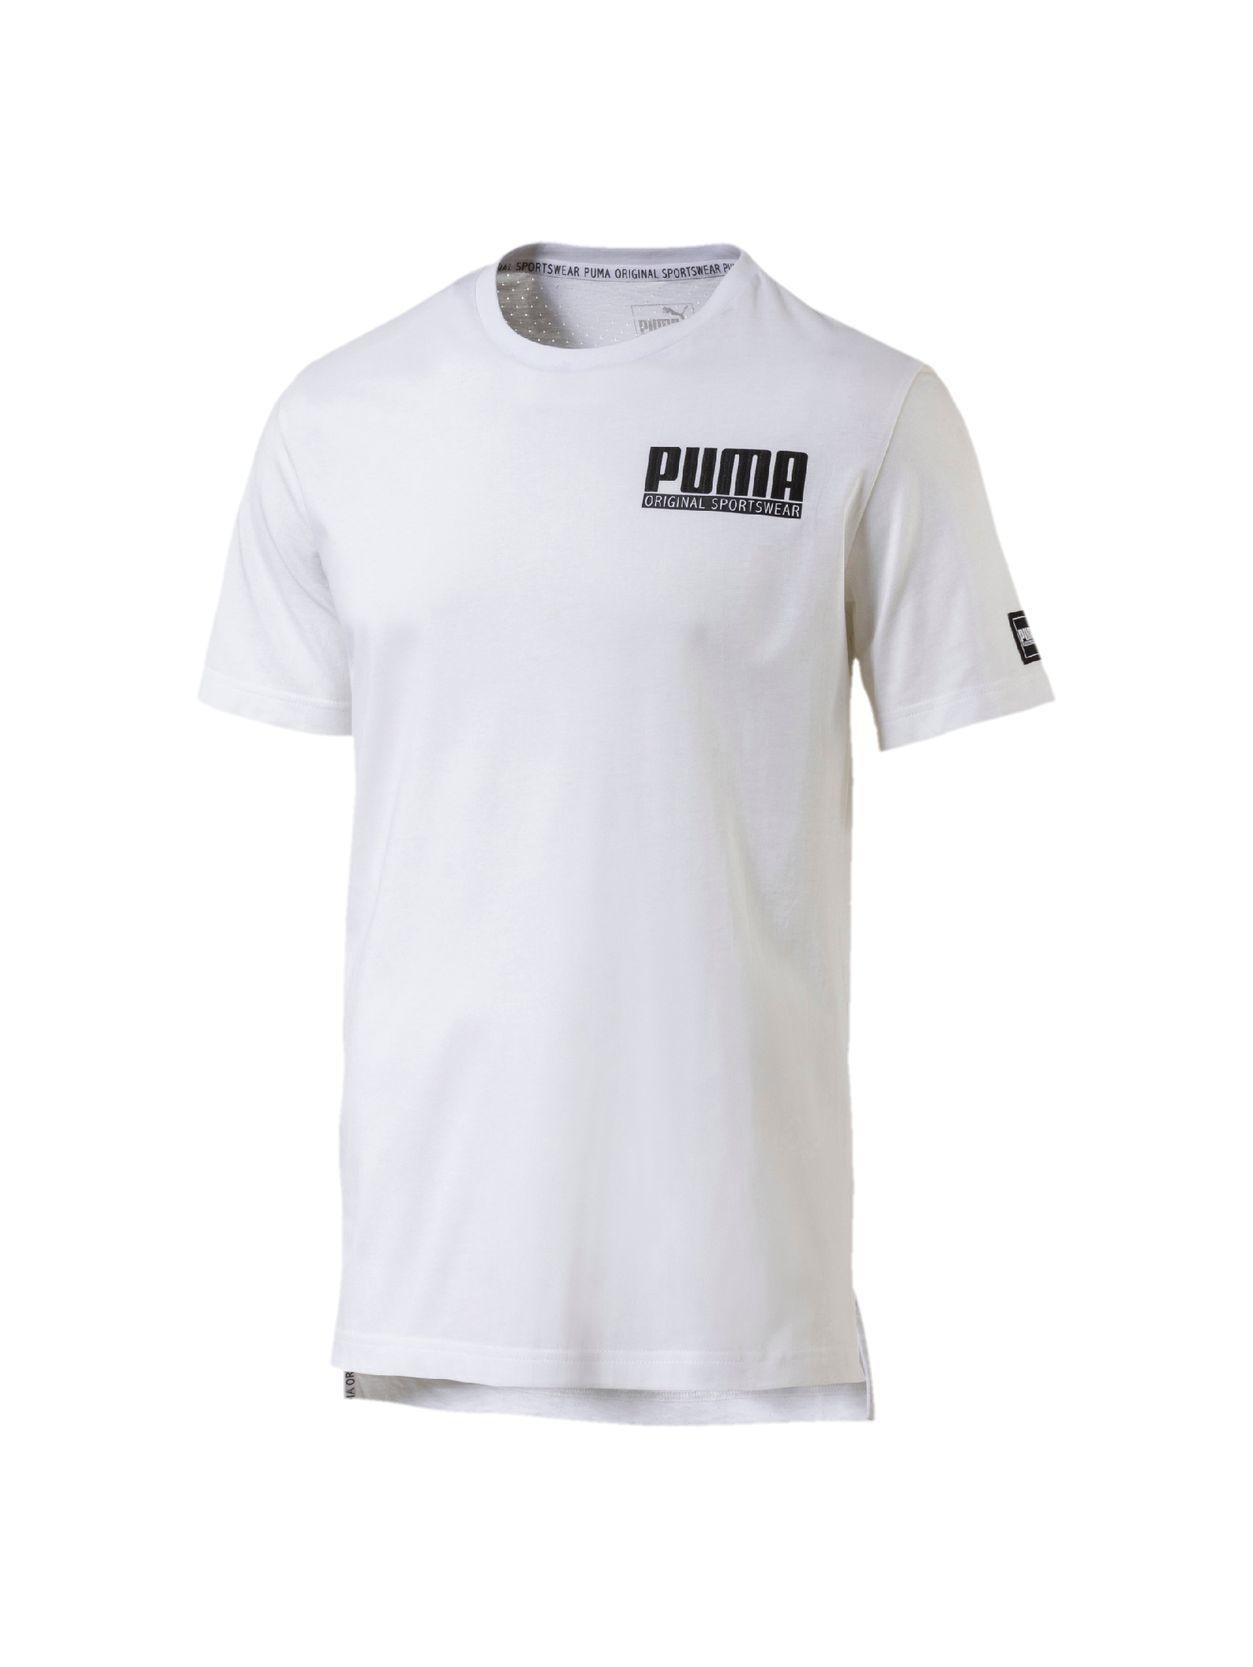 Puma STYLE Athletics Tee